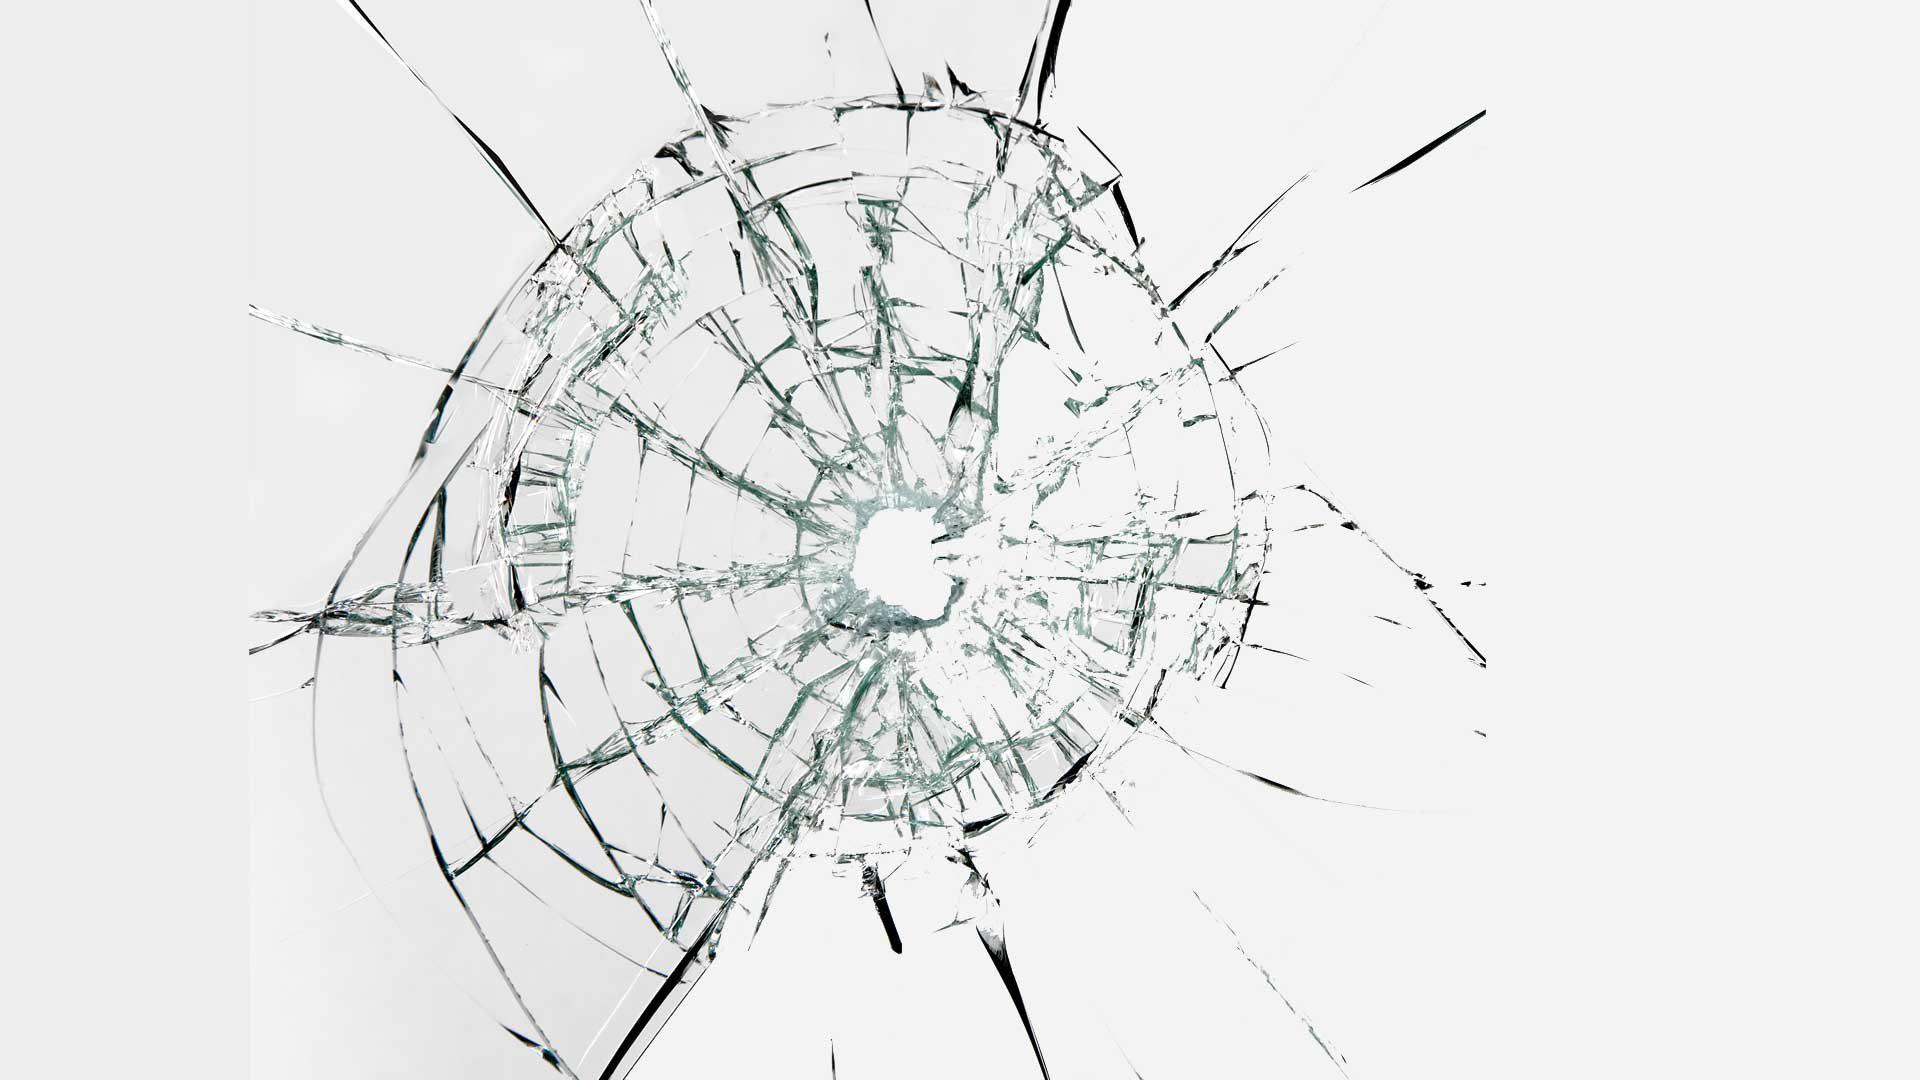 Разбитое стекло PNG